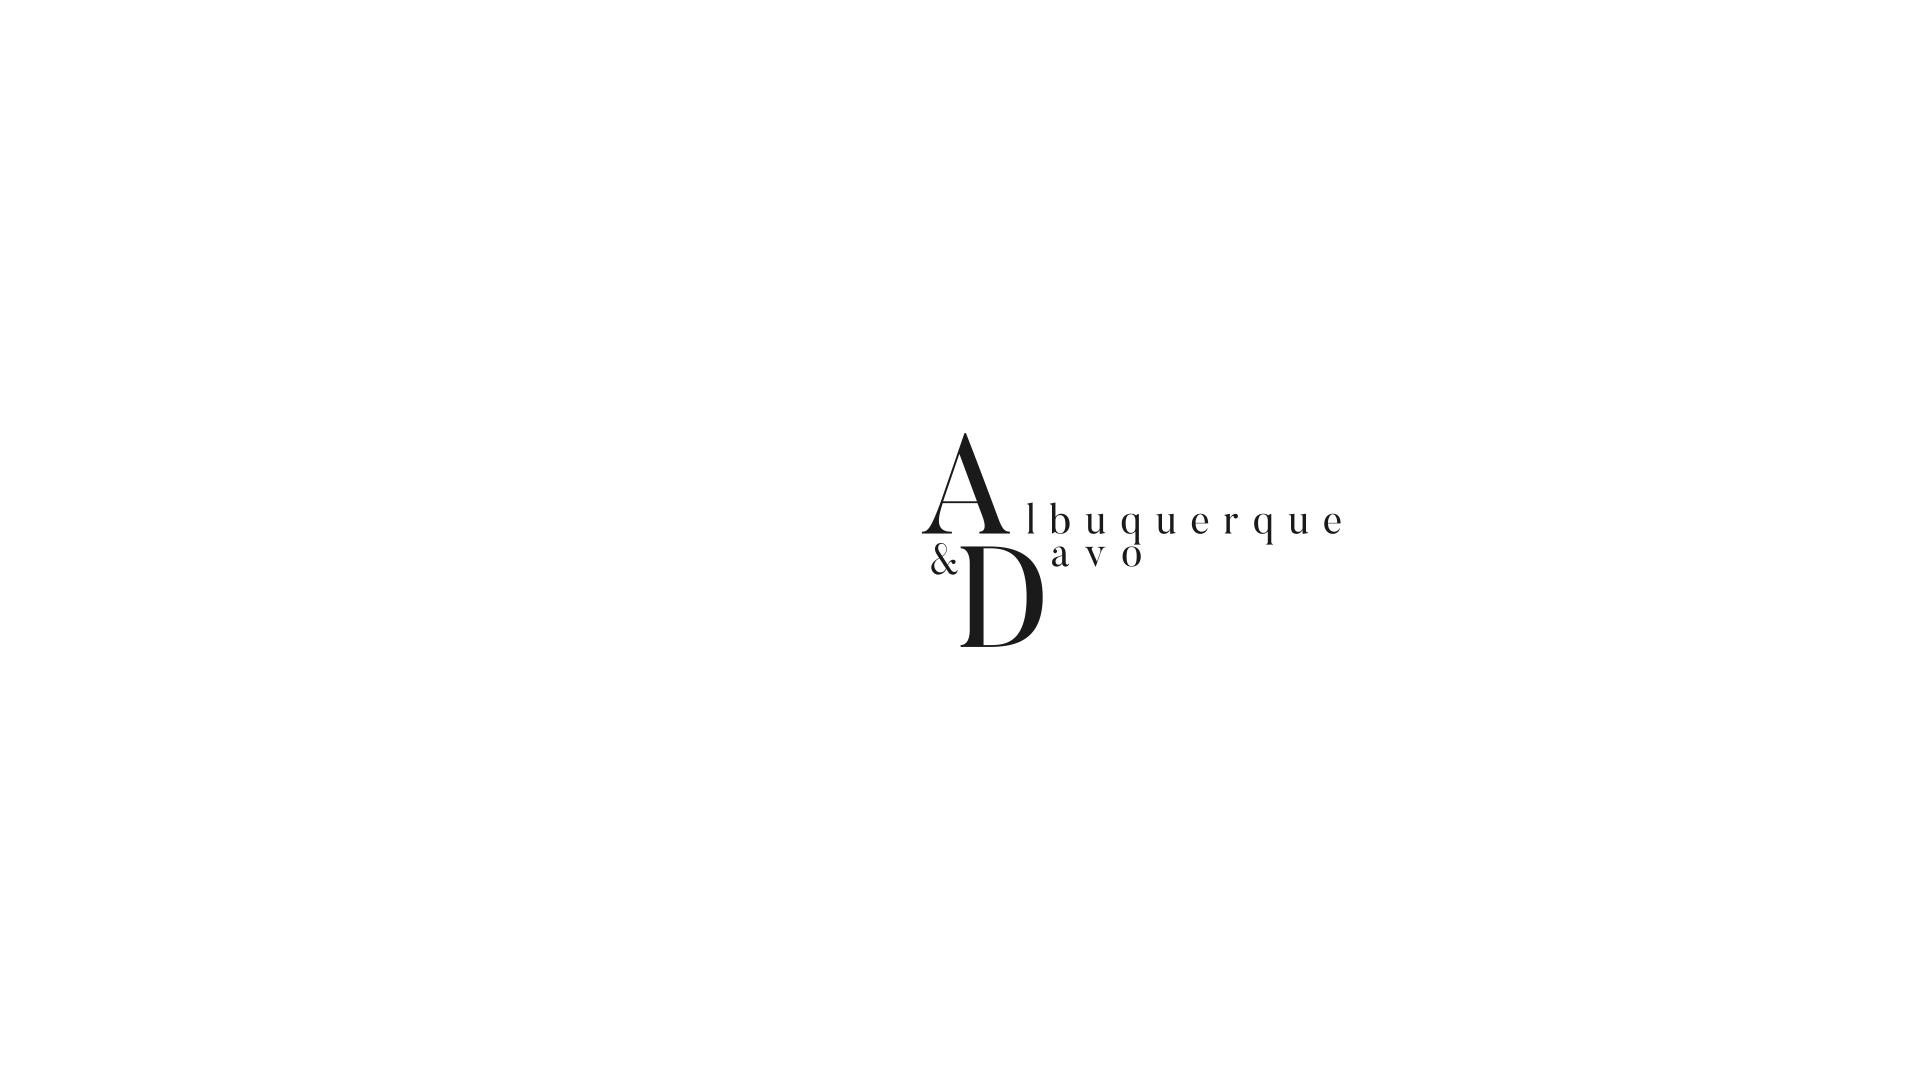 Albuquerque & Davo - Logo [Nathan Franco]